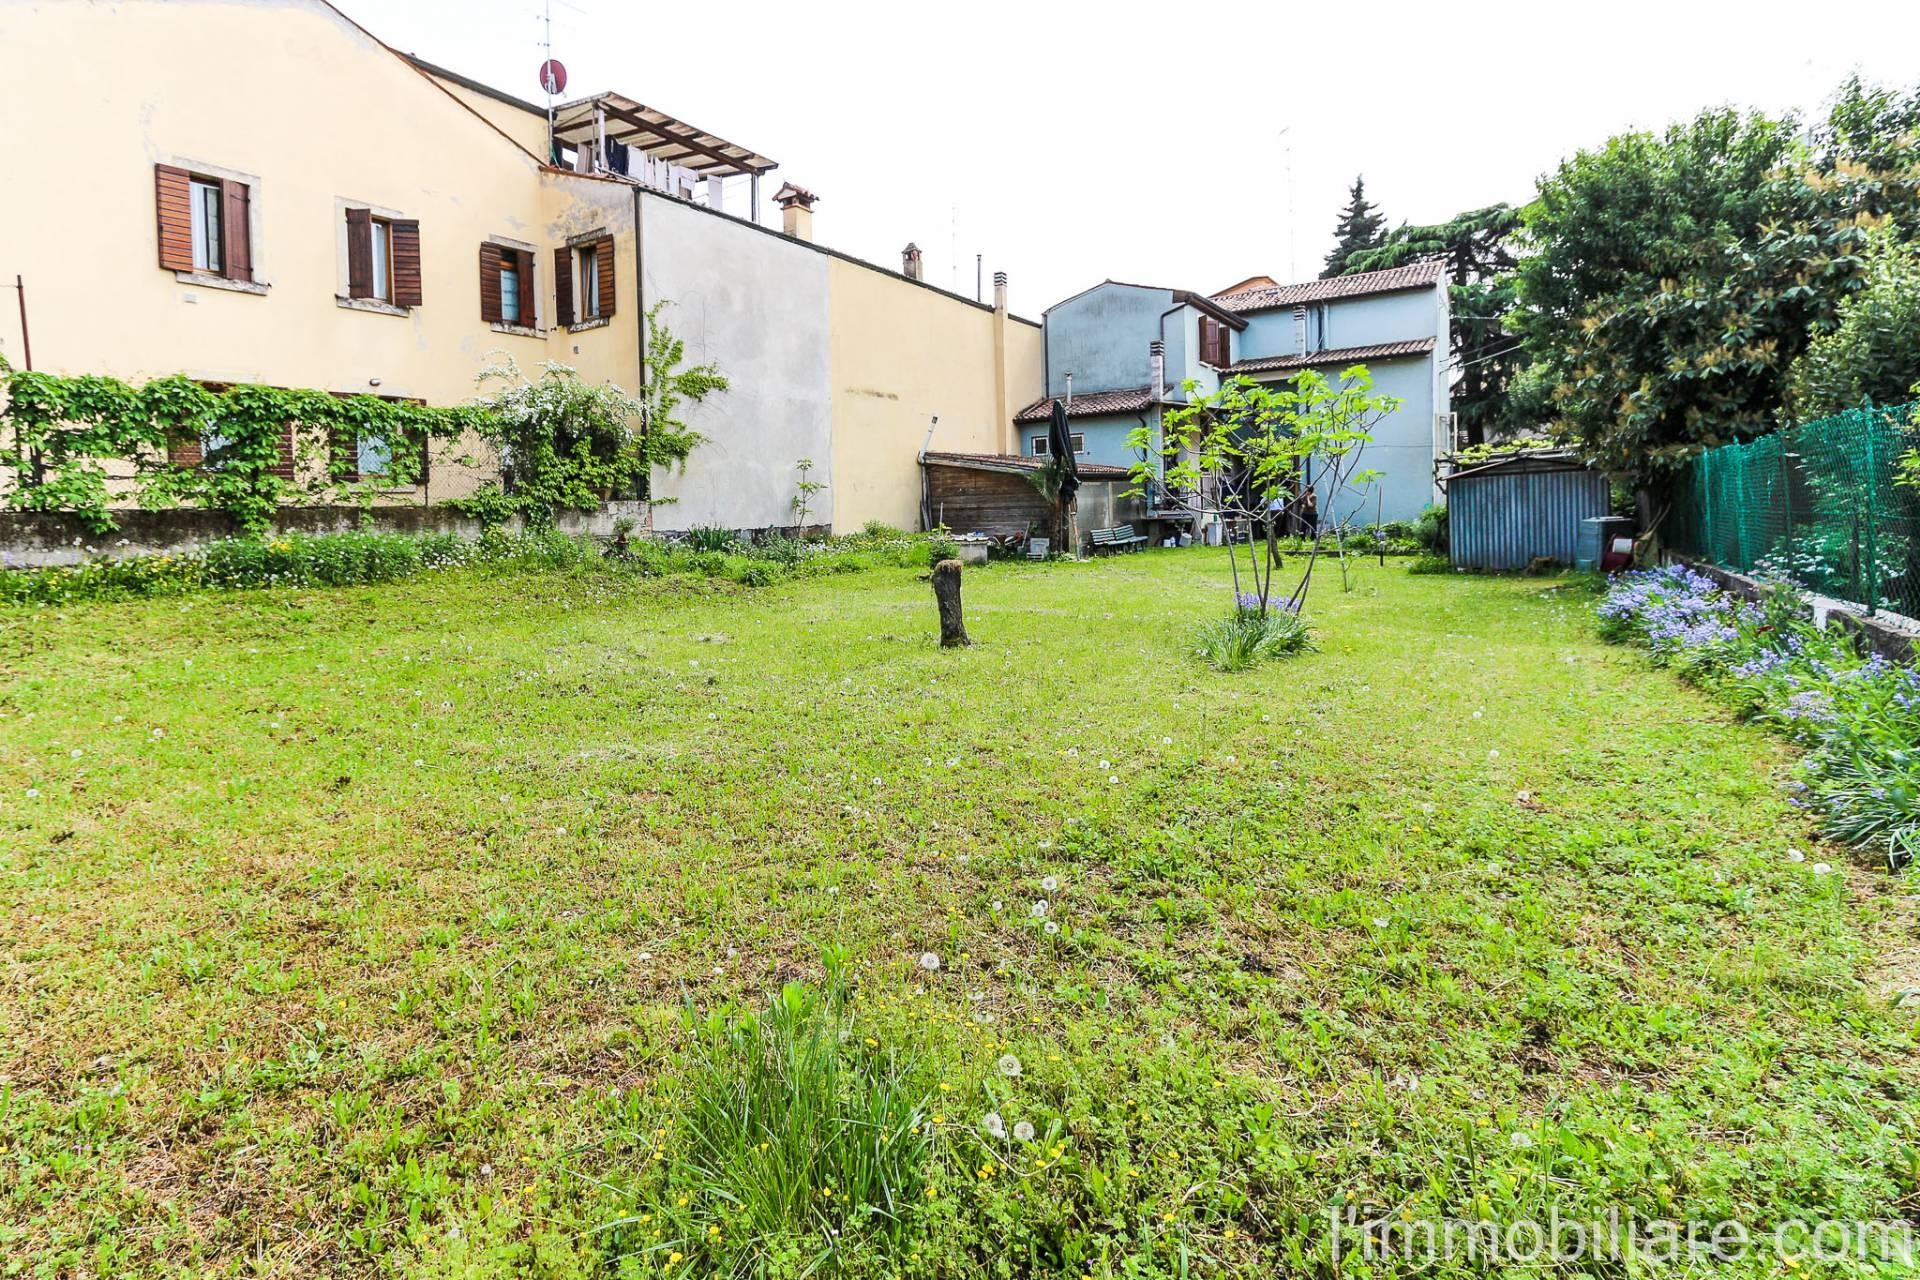 Terreno residenziale in Vendita a Verona Semicentro Nord: 408 mq